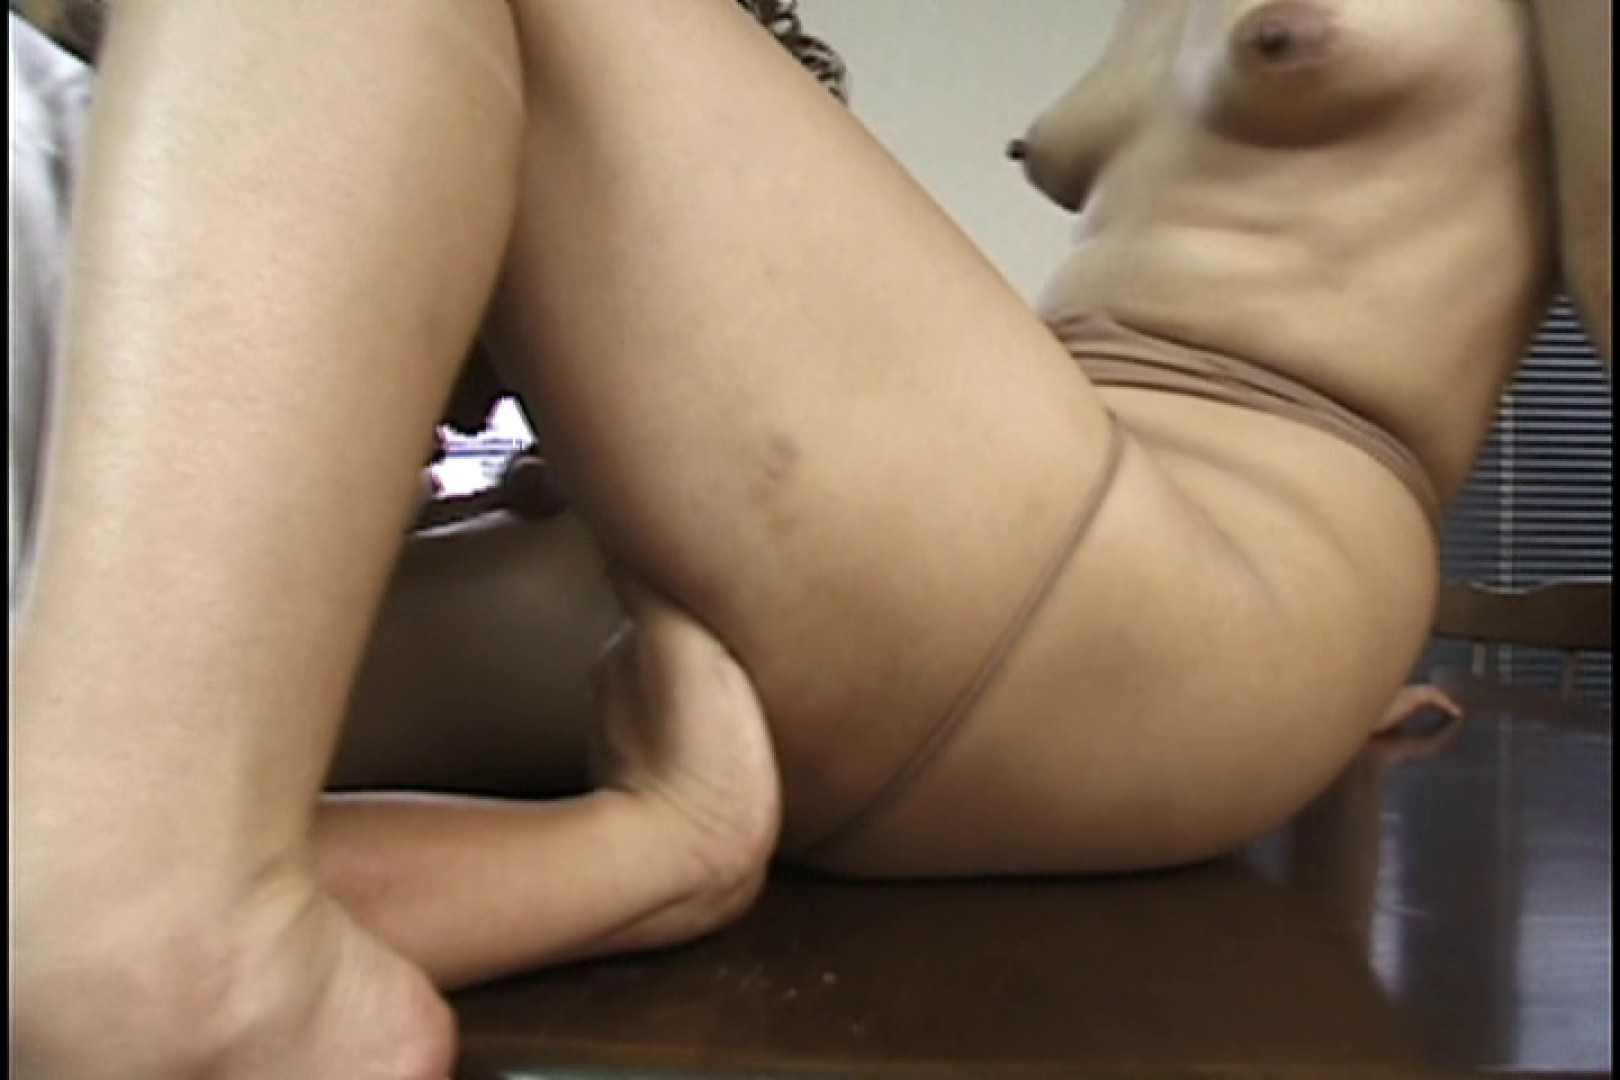 昼間の奥様は欲求不満 ~渡辺亜矢~ エッチな熟女 エロ画像 74pic 50